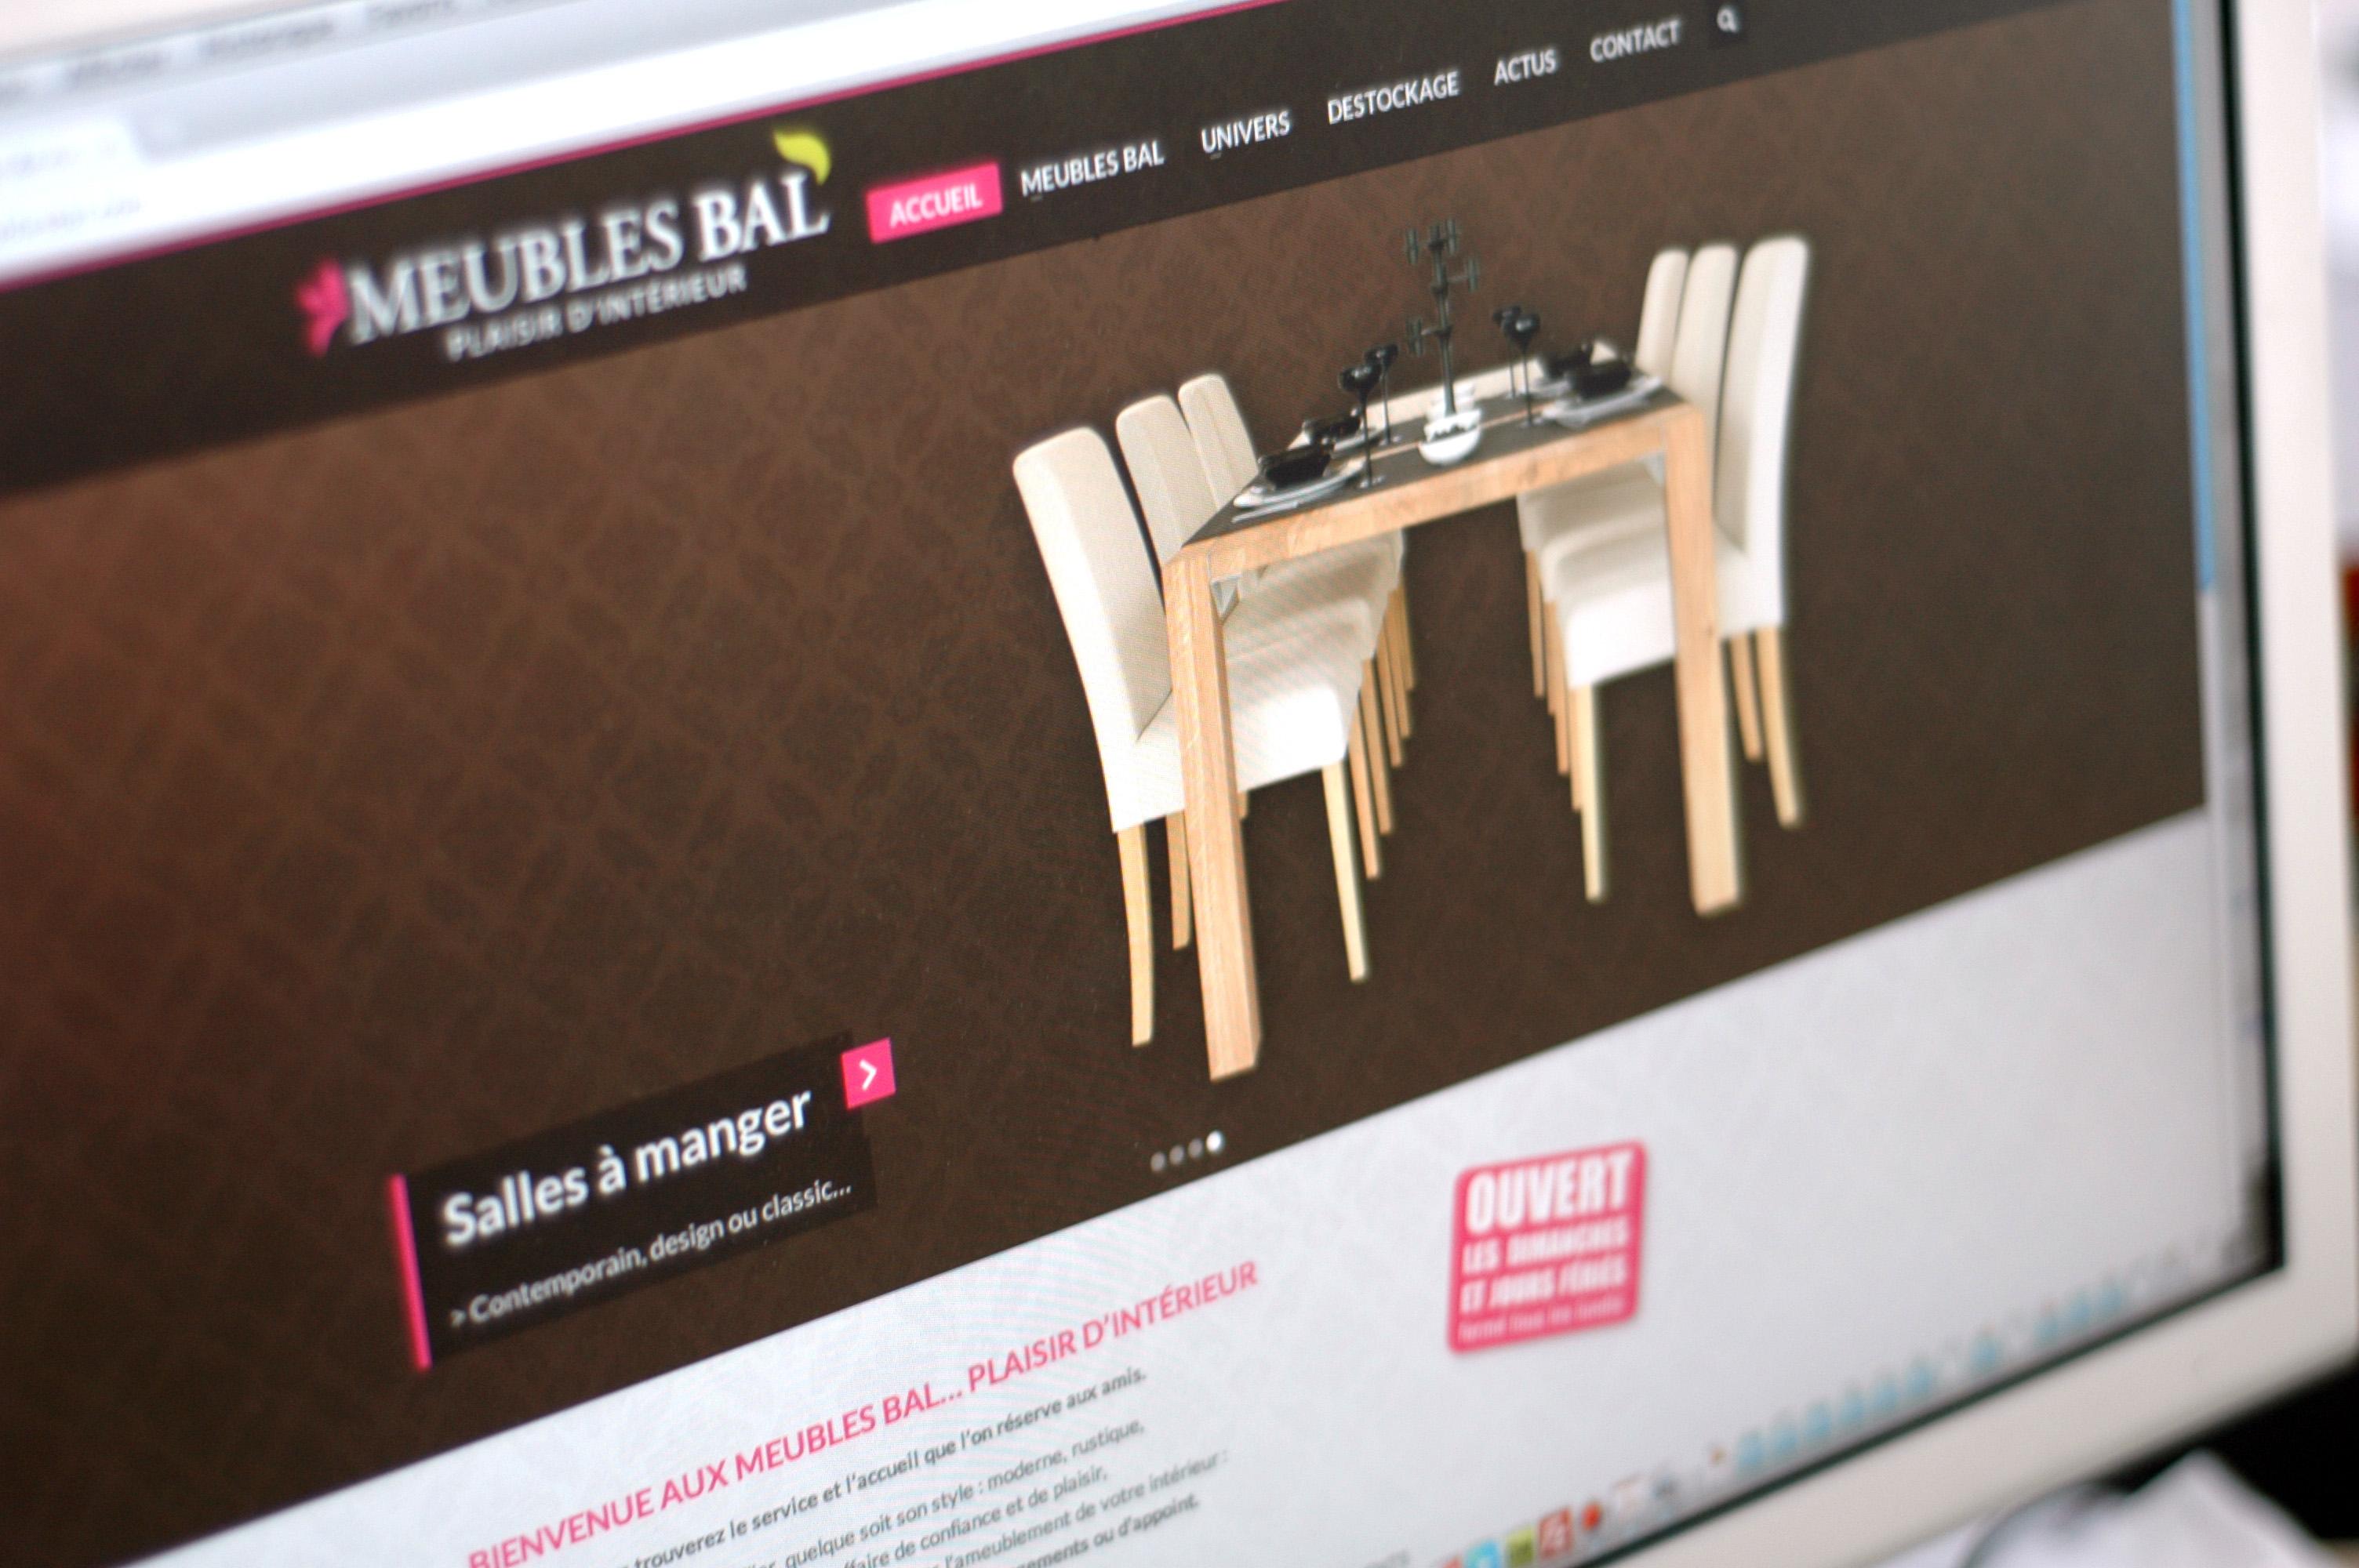 création de site web boulogne-sur-mer nord pas-de-calais 59/62 design de site web wordpress Meubles BAL